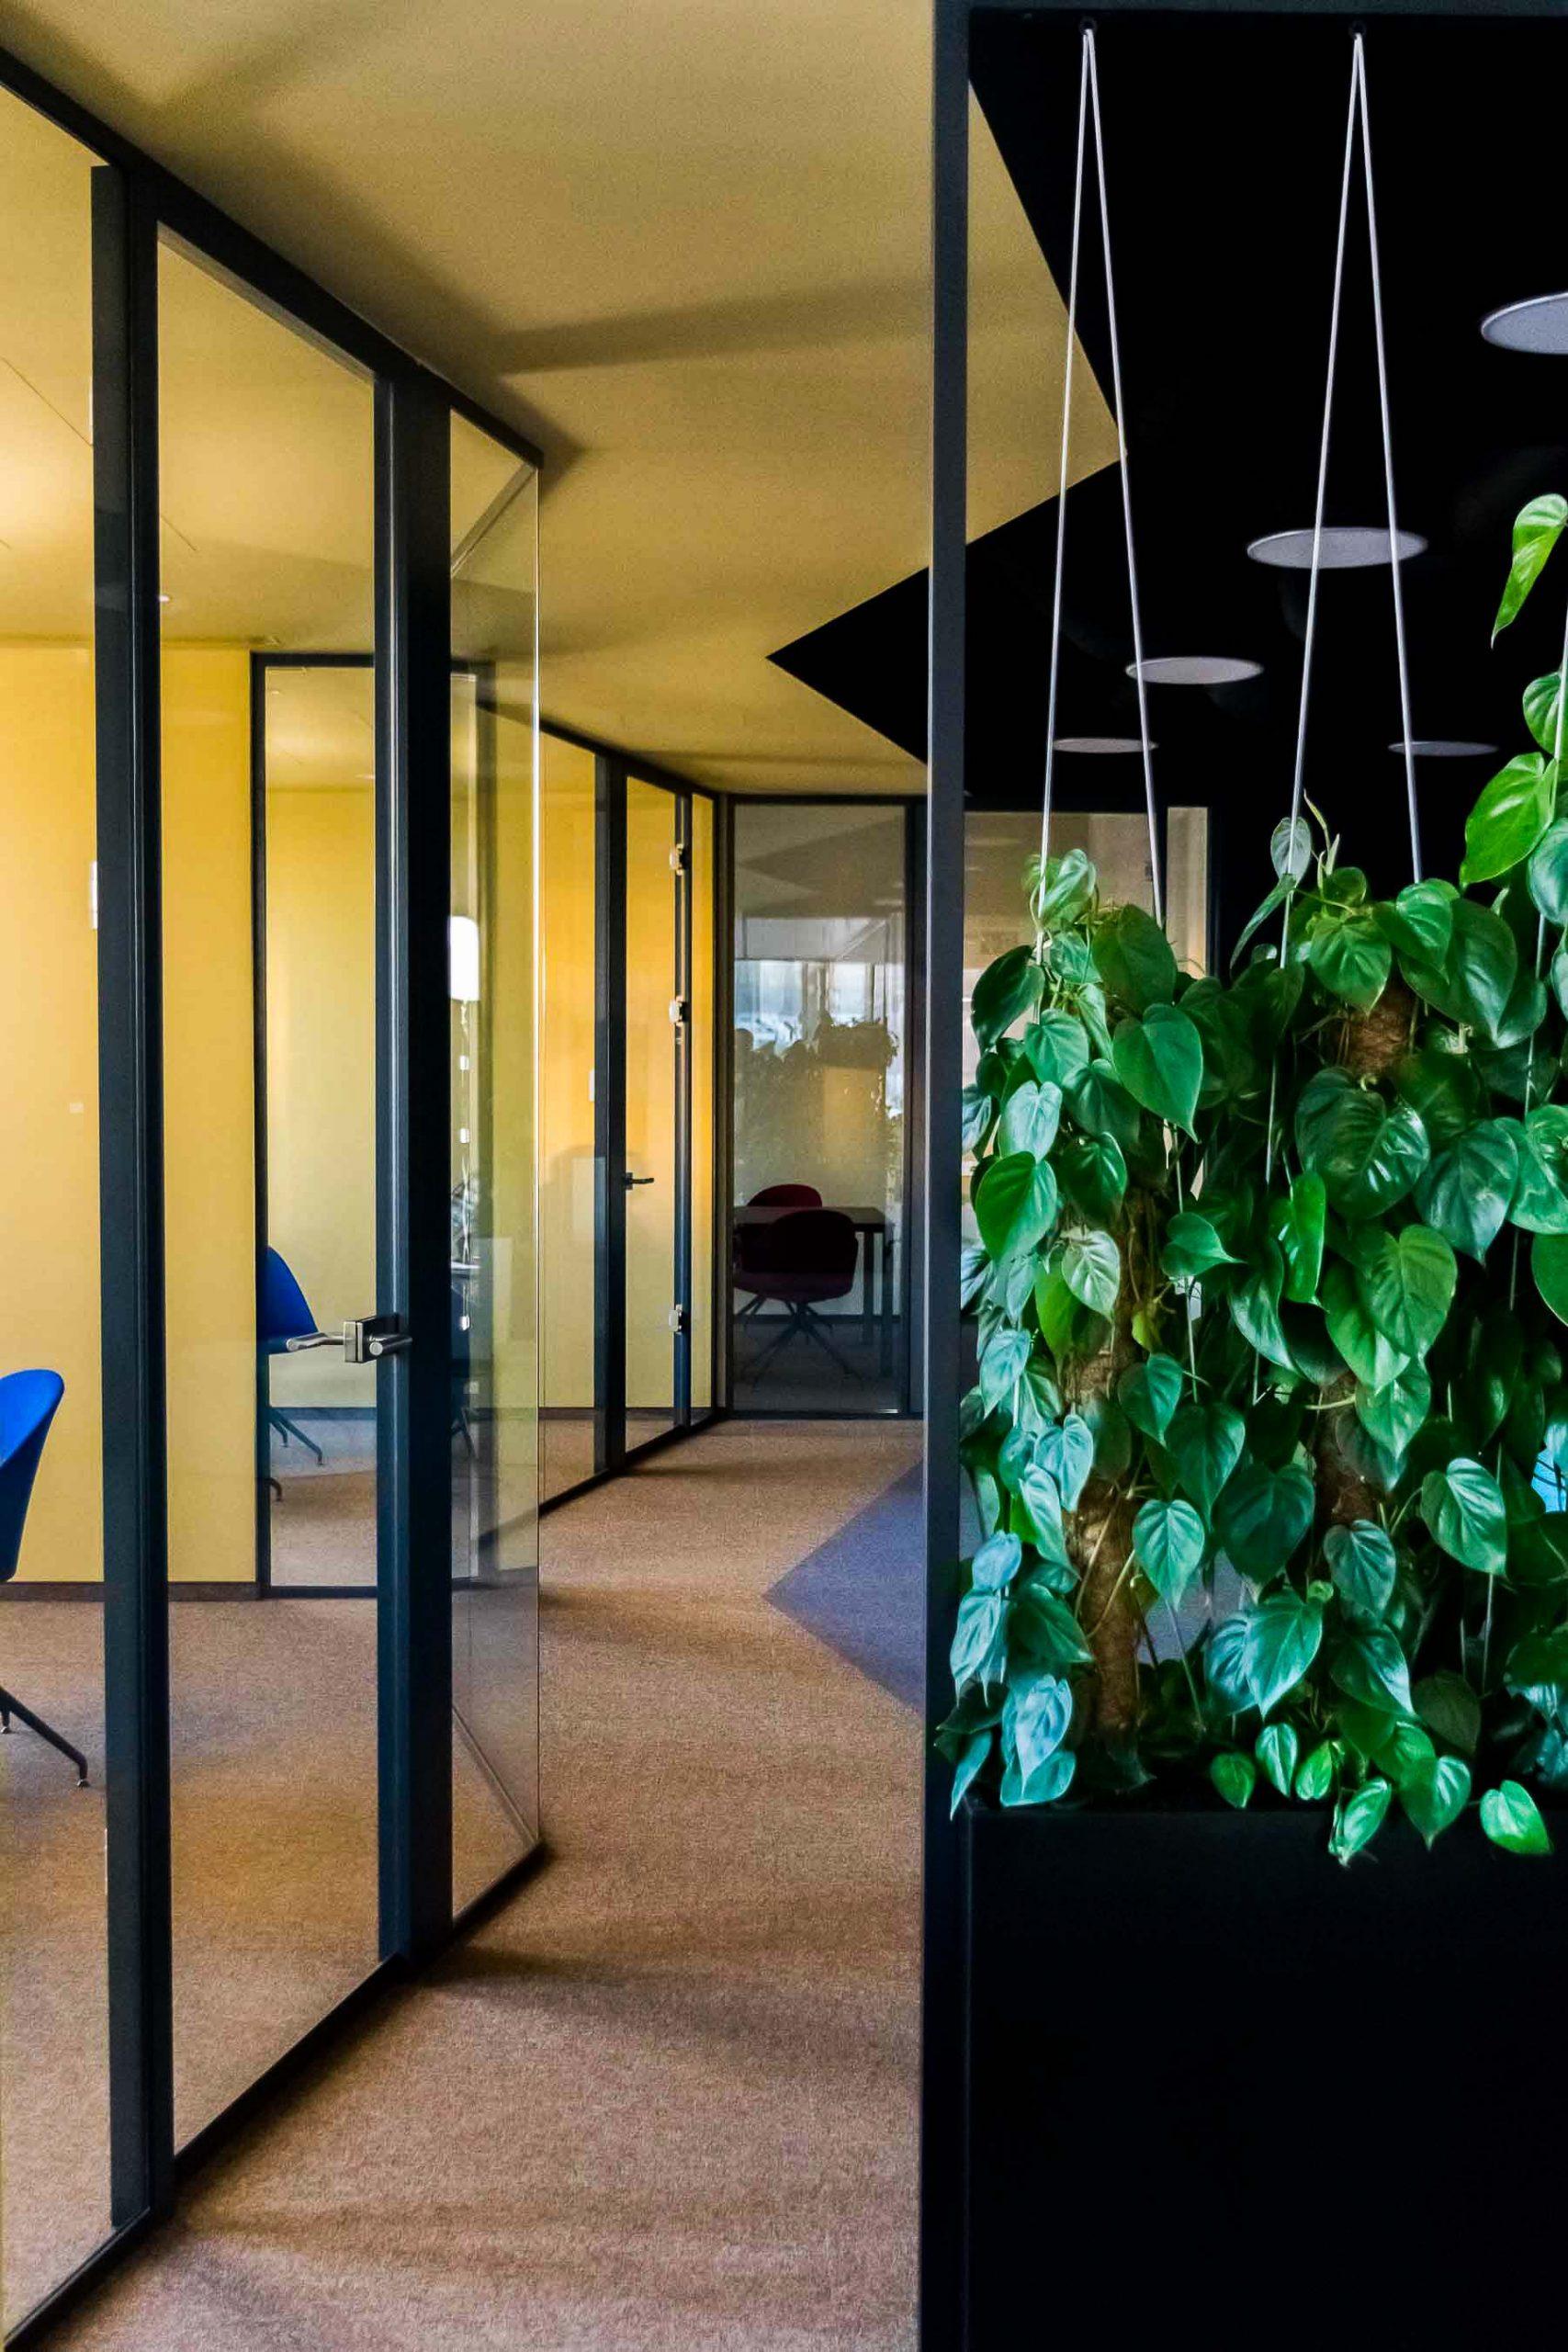 Kancelárske priestory EXXETA, Bratislava, vstup zeleň, VAUarchitects